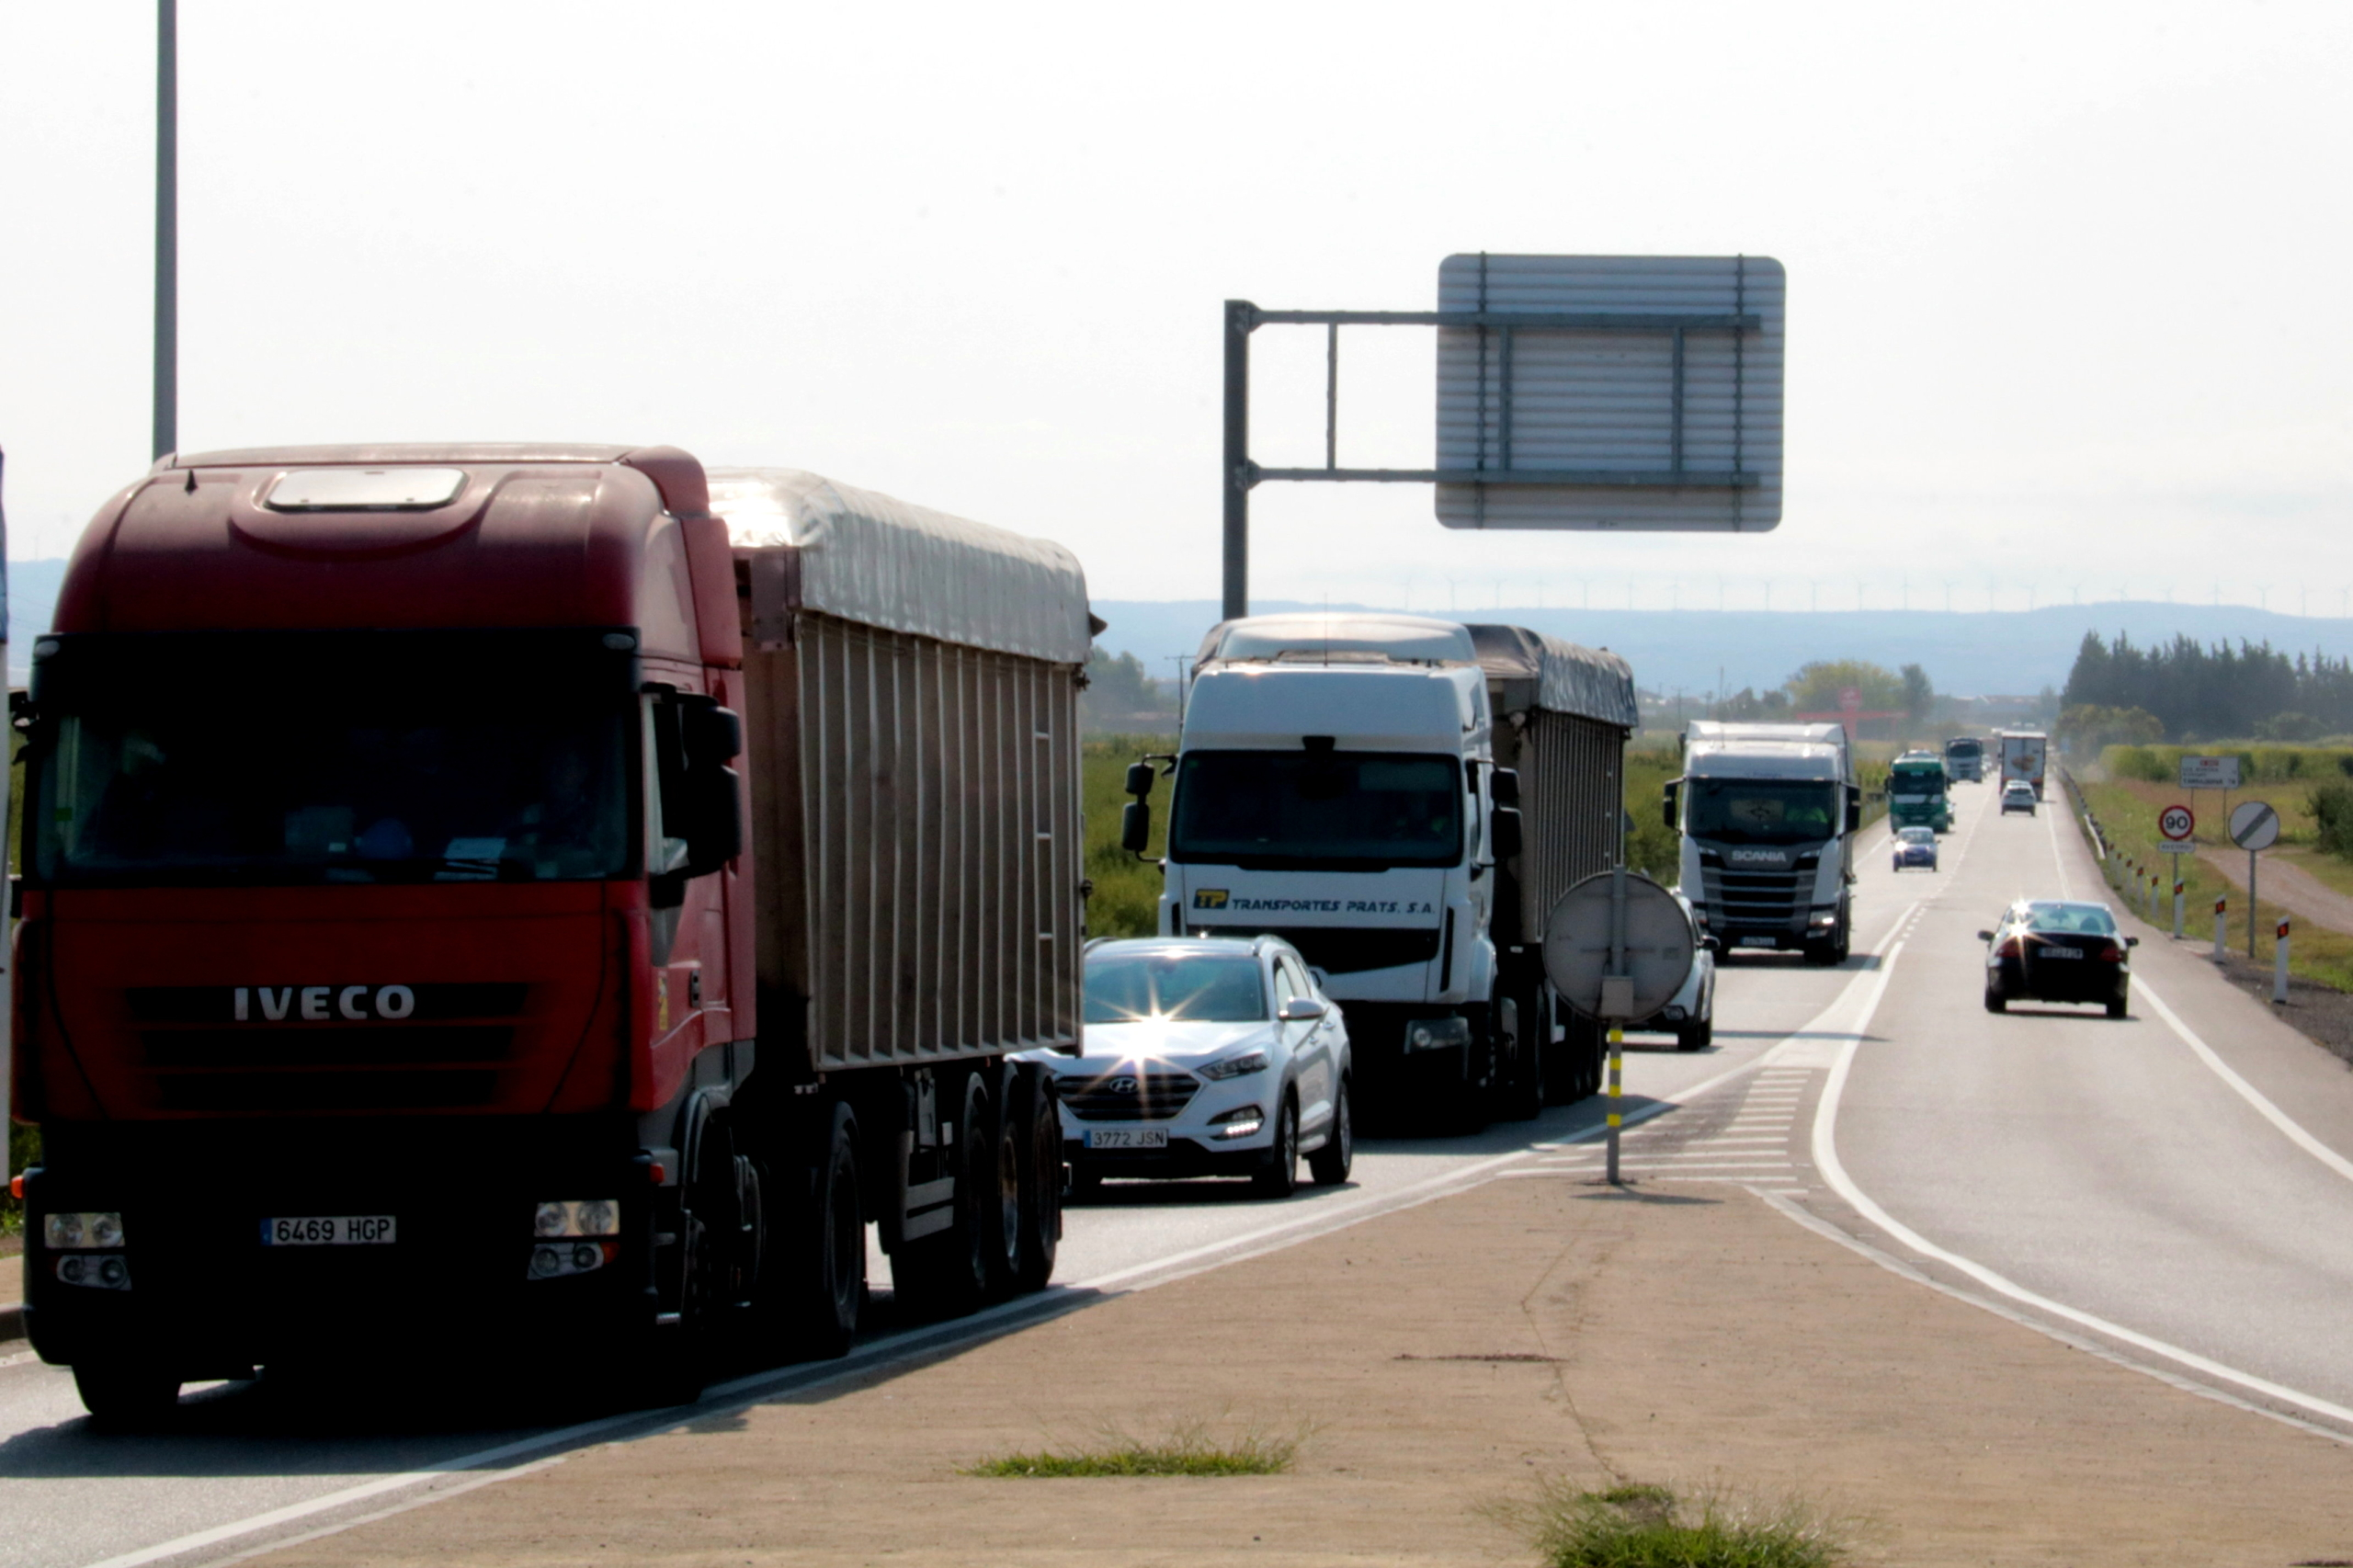 Camions circulant per l'N-240 abans d'arribar a la rotonda de Margalef, al terme municipal de Torregrossa   ACN